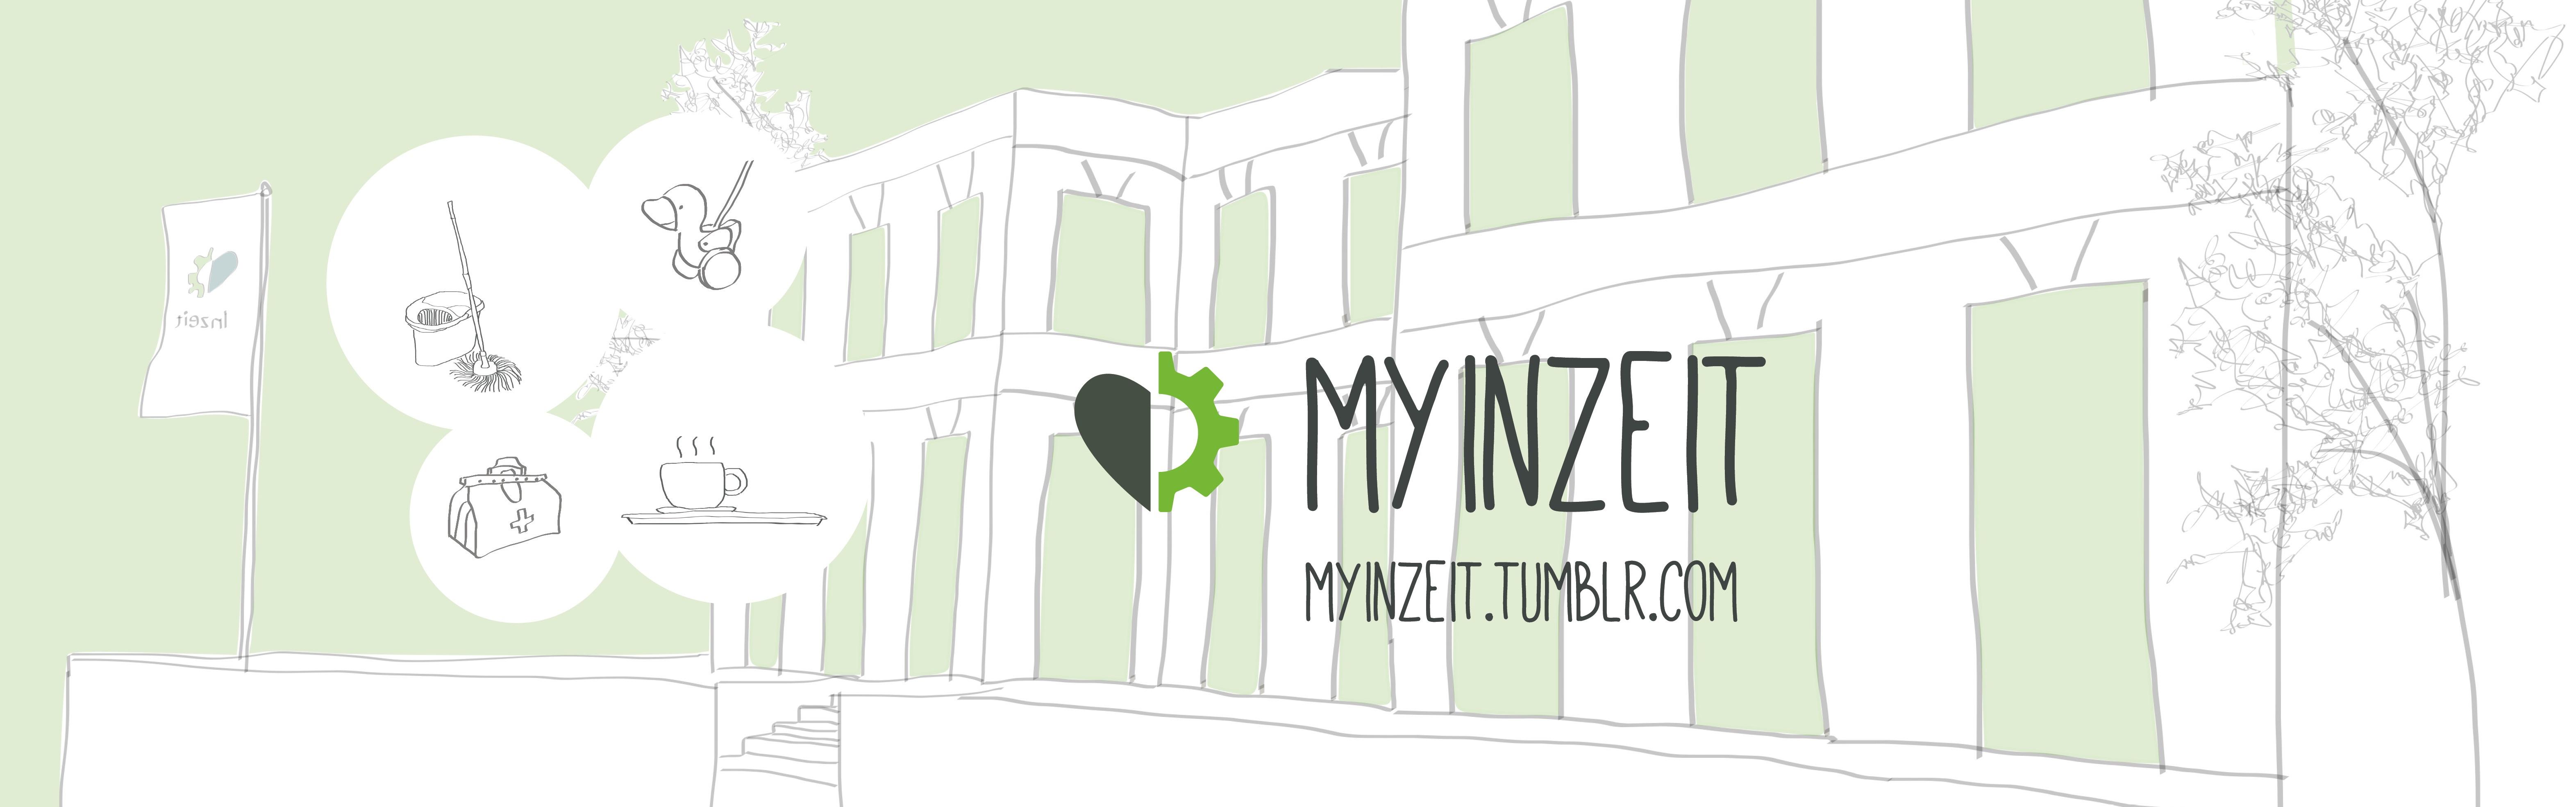 myinzeit - Blog Inzeit Personal Service GmbH